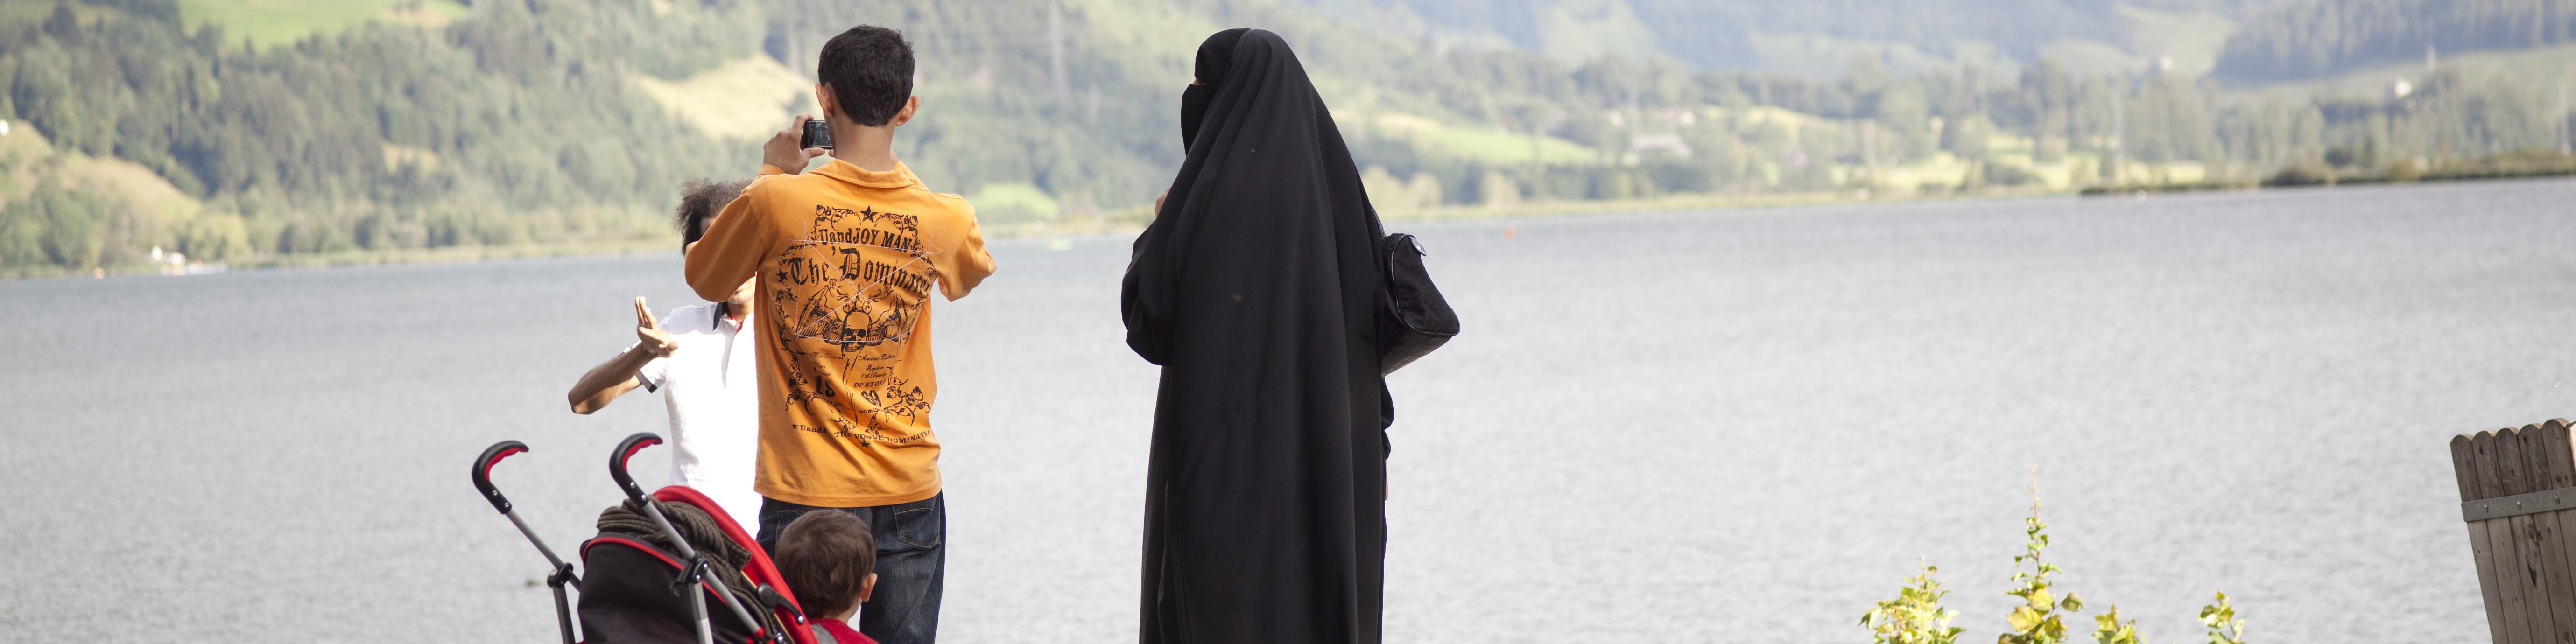 Eine verhüllte Frau mit ihrem Kind und ihrem Mann am See